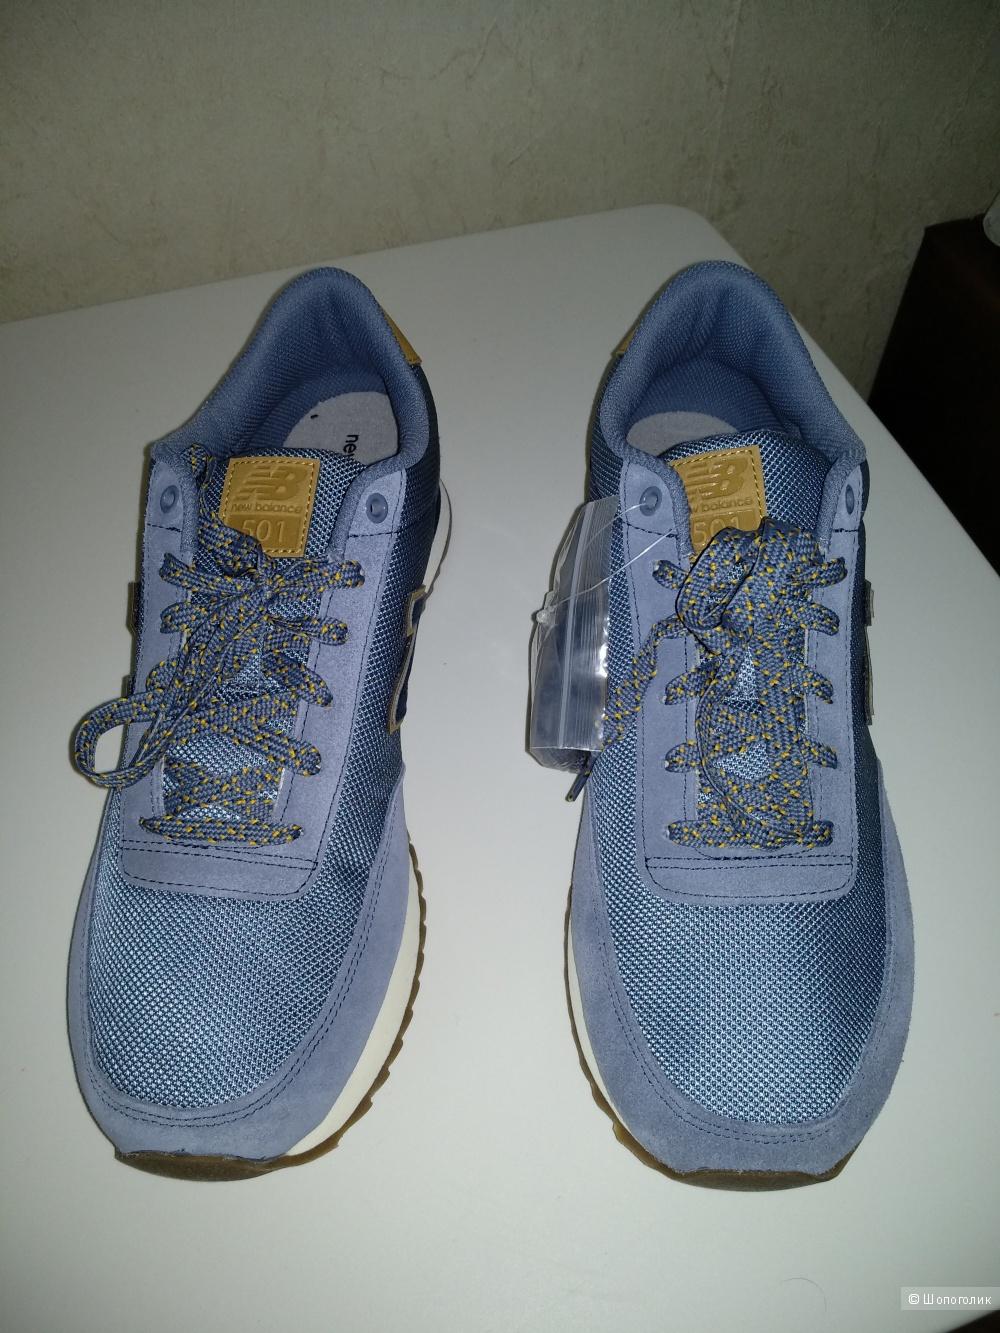 Мужские кроссовки New Balance 501, размер 11US